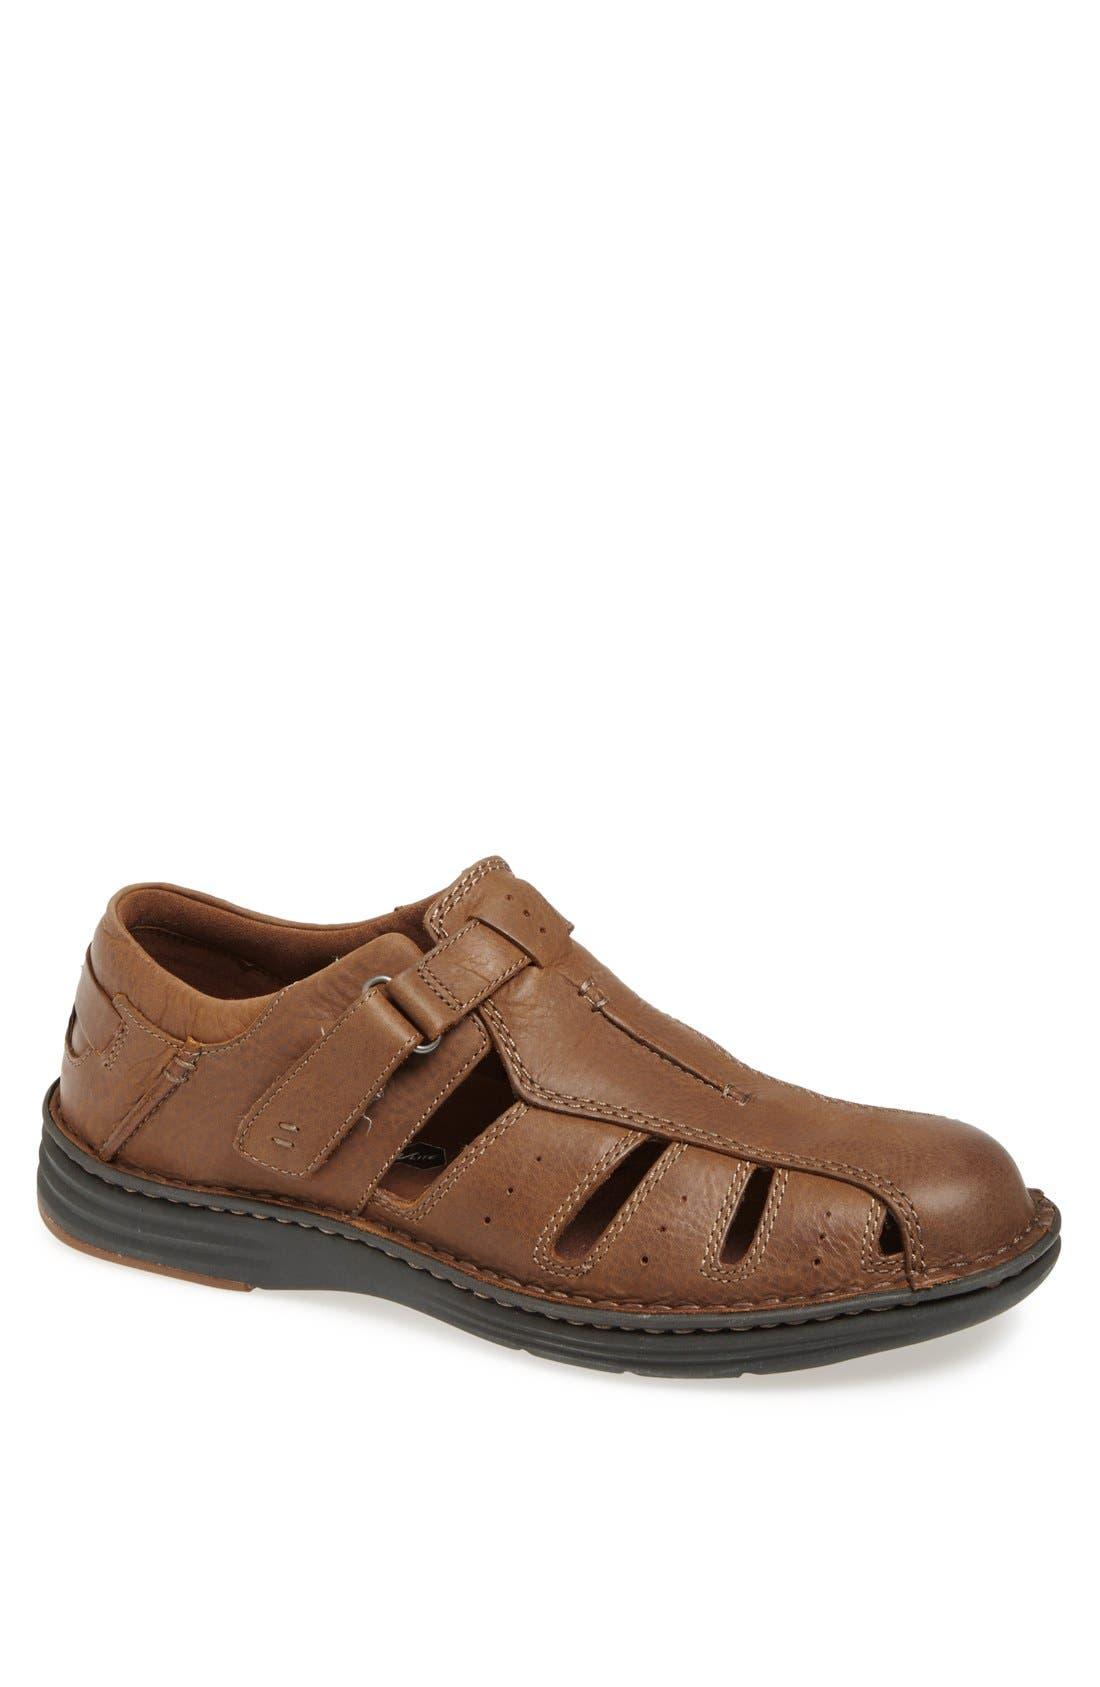 Main Image - Dunham 'REVChamp' Sandal (Men)